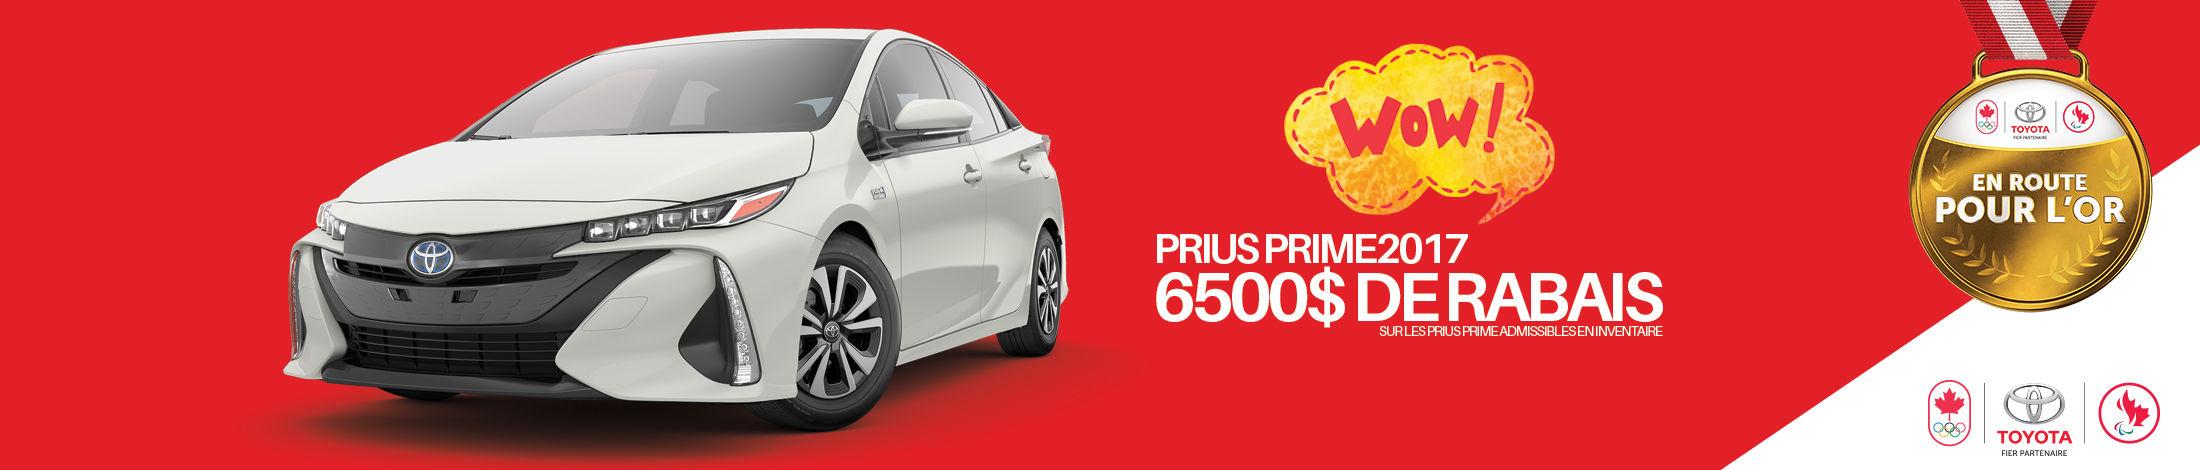 Header - Prius Prime 2017